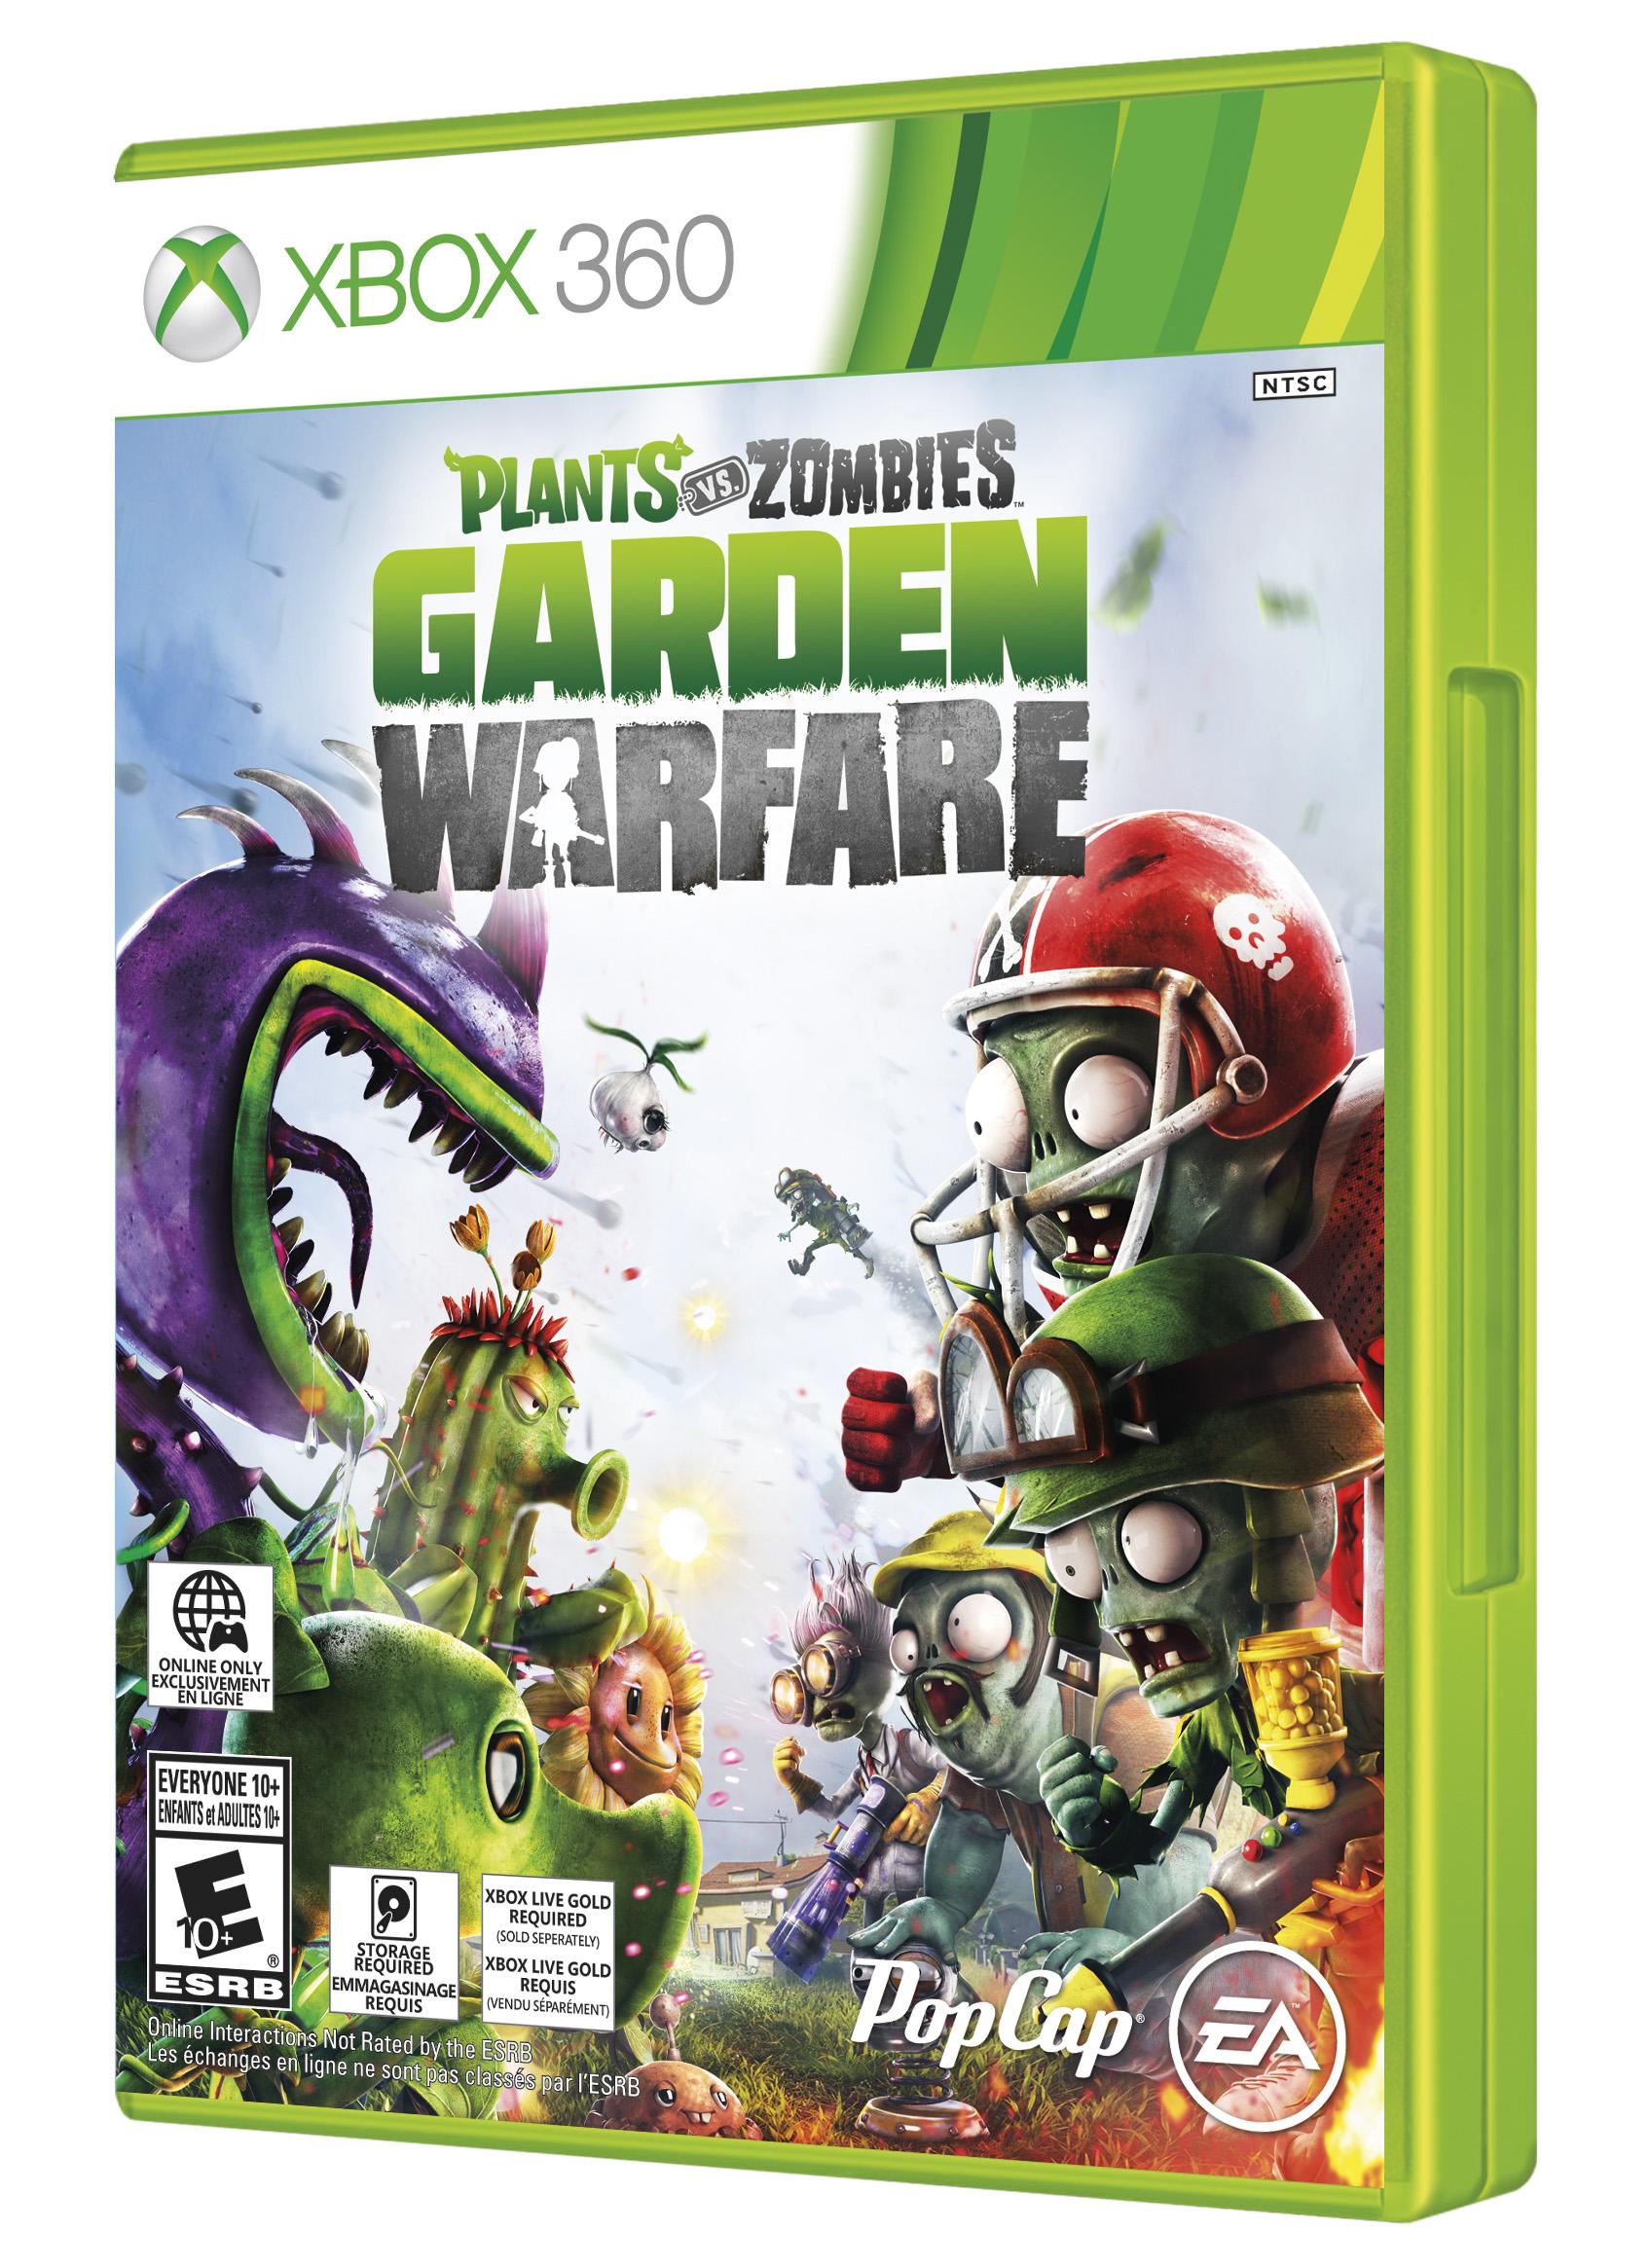 Plants vs zombies garden warfare llegar a xbox one y xbox 360 el pr ximo 25 de febrero hd for Plants vs zombies garden warfare xbox one